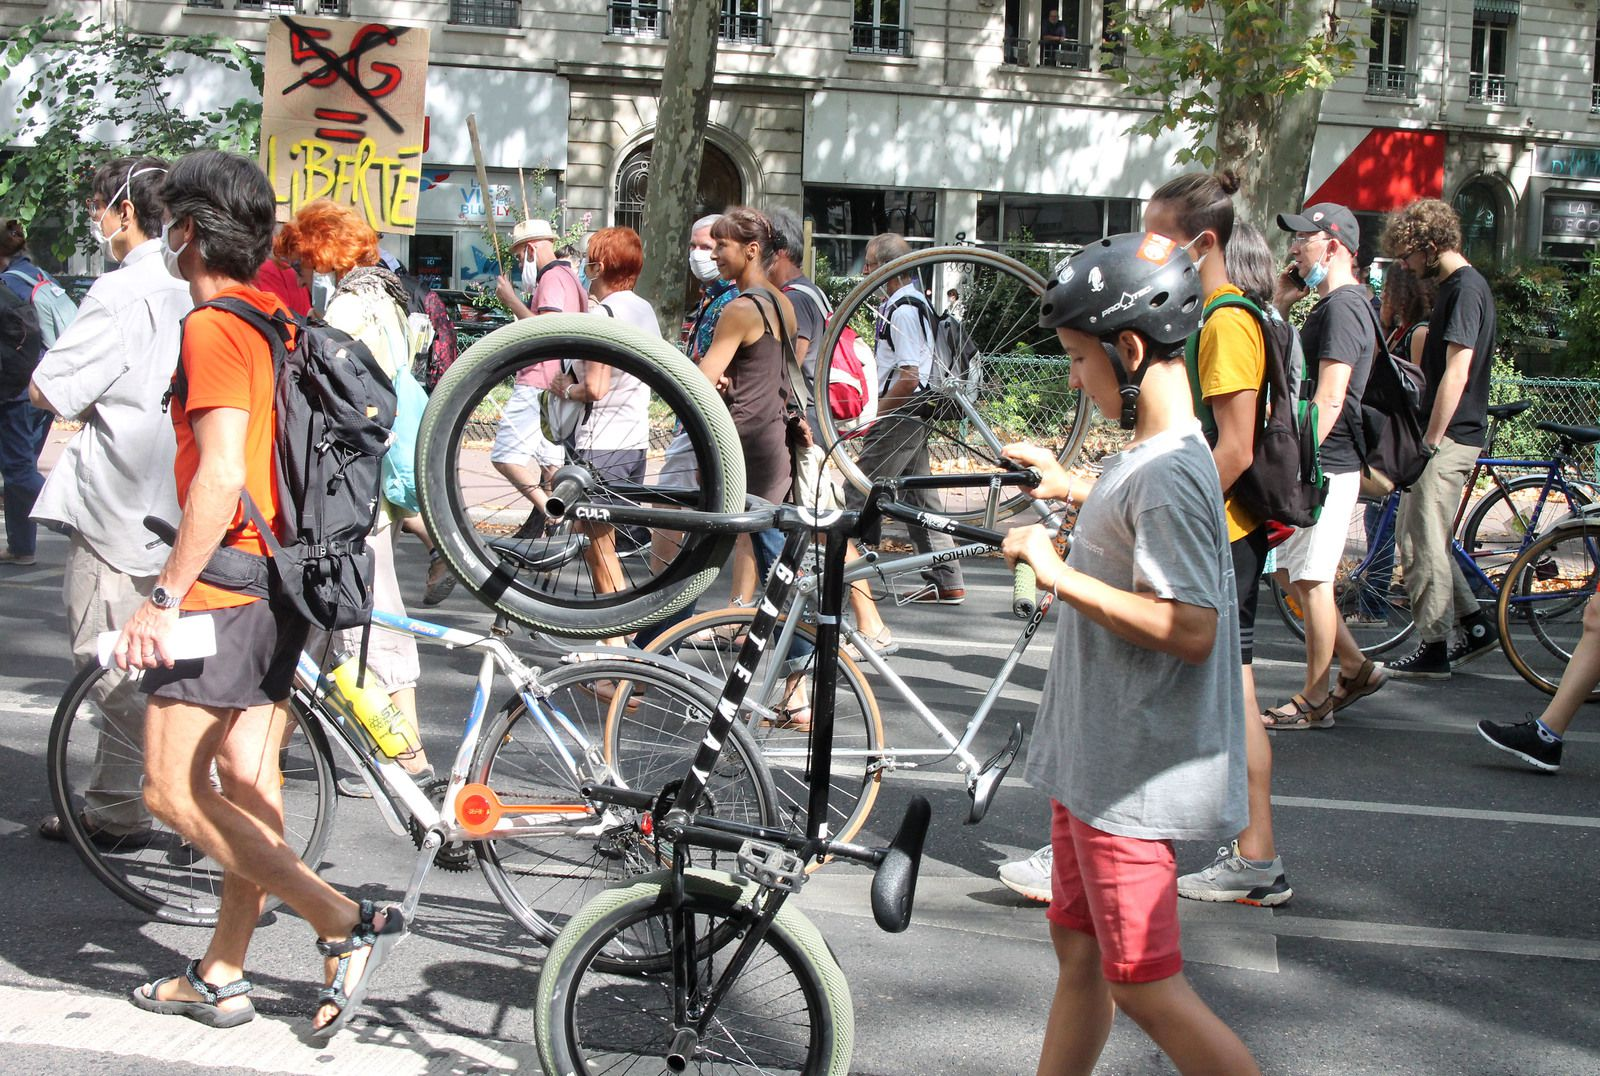 Manifestation contre la 5G et son monde, le 19 septembre 2020 à Lyon